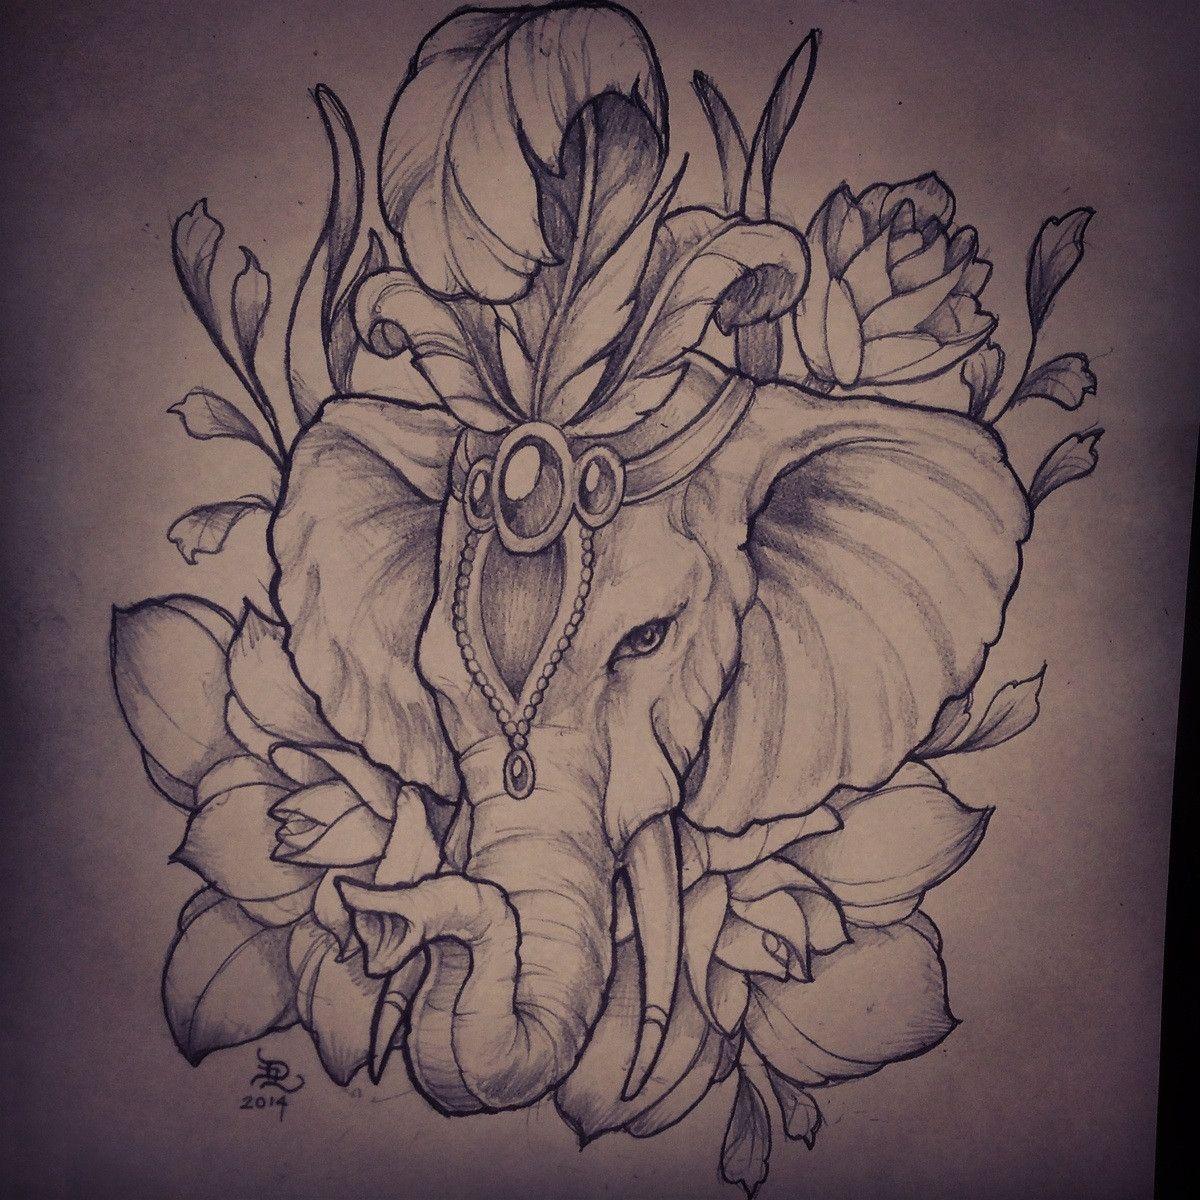 Painted Elephant Tattoo Google Search Elephant Head Tattoo Elephant Tattoo Design Elephant Tattoos